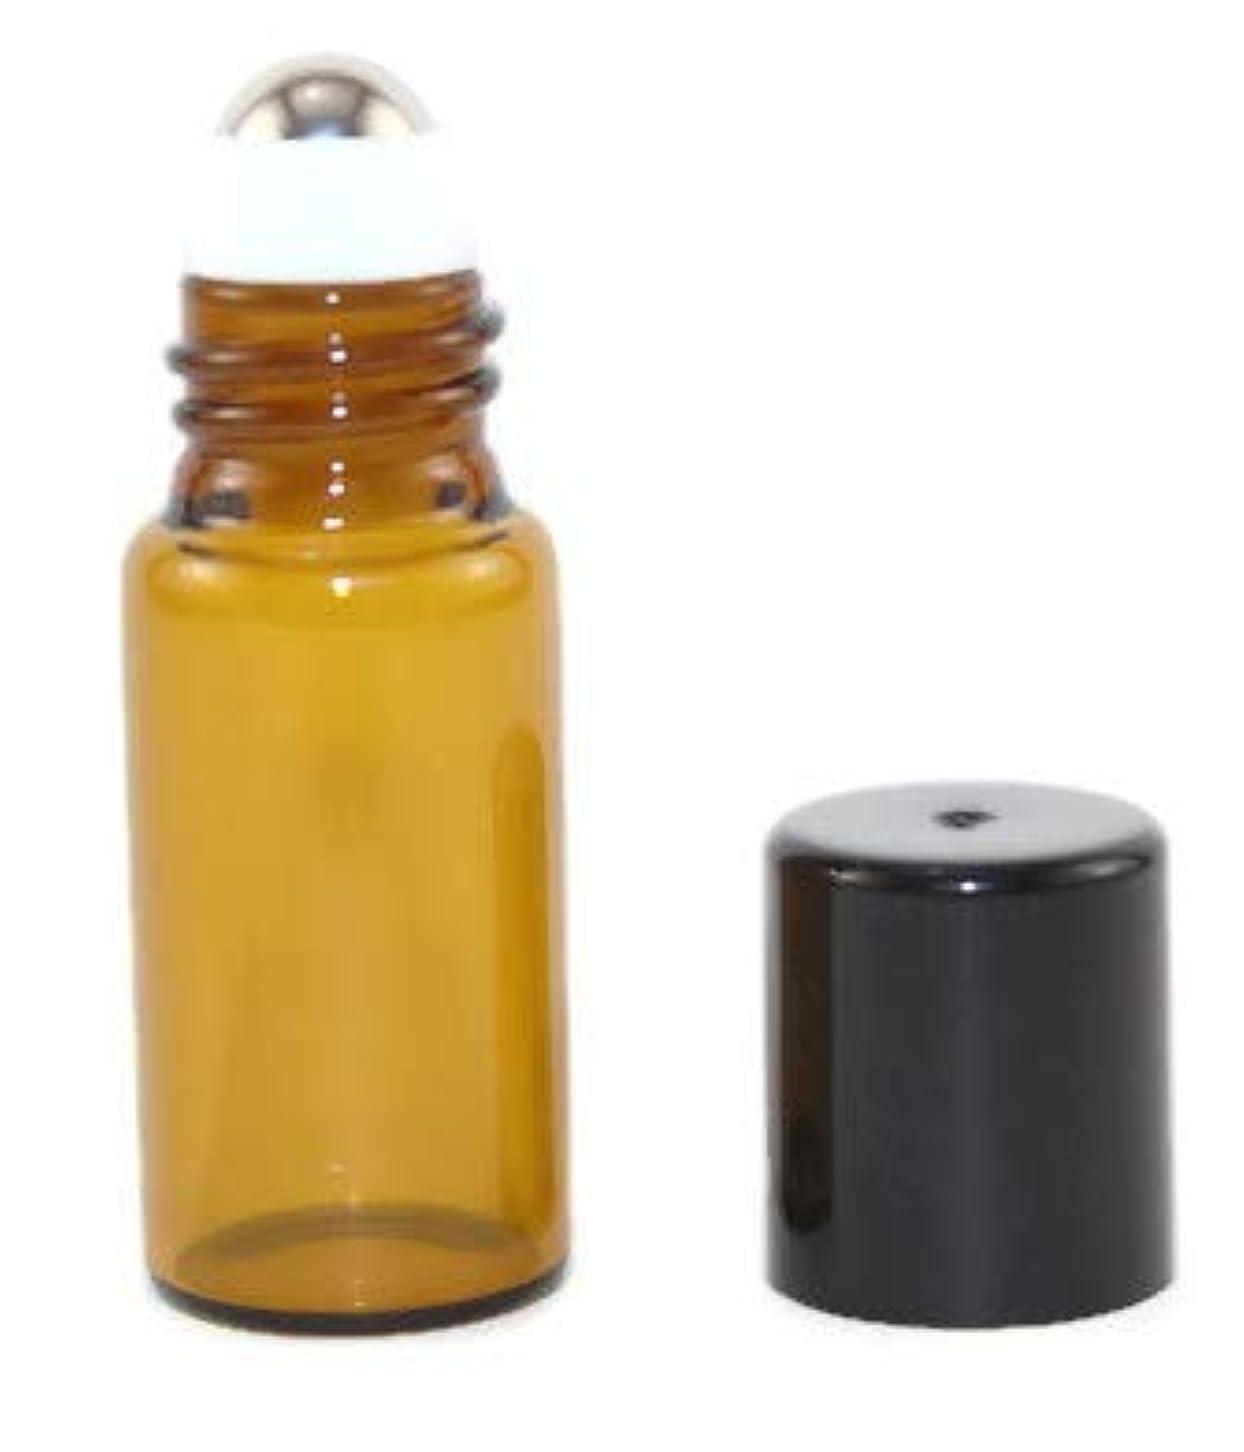 偶然のたっぷり靴USA 144 Amber Glass 3 ml Mini Roll-On Glass Bottles with Stainless Steel Roller Balls - Refillable Aromatherapy...